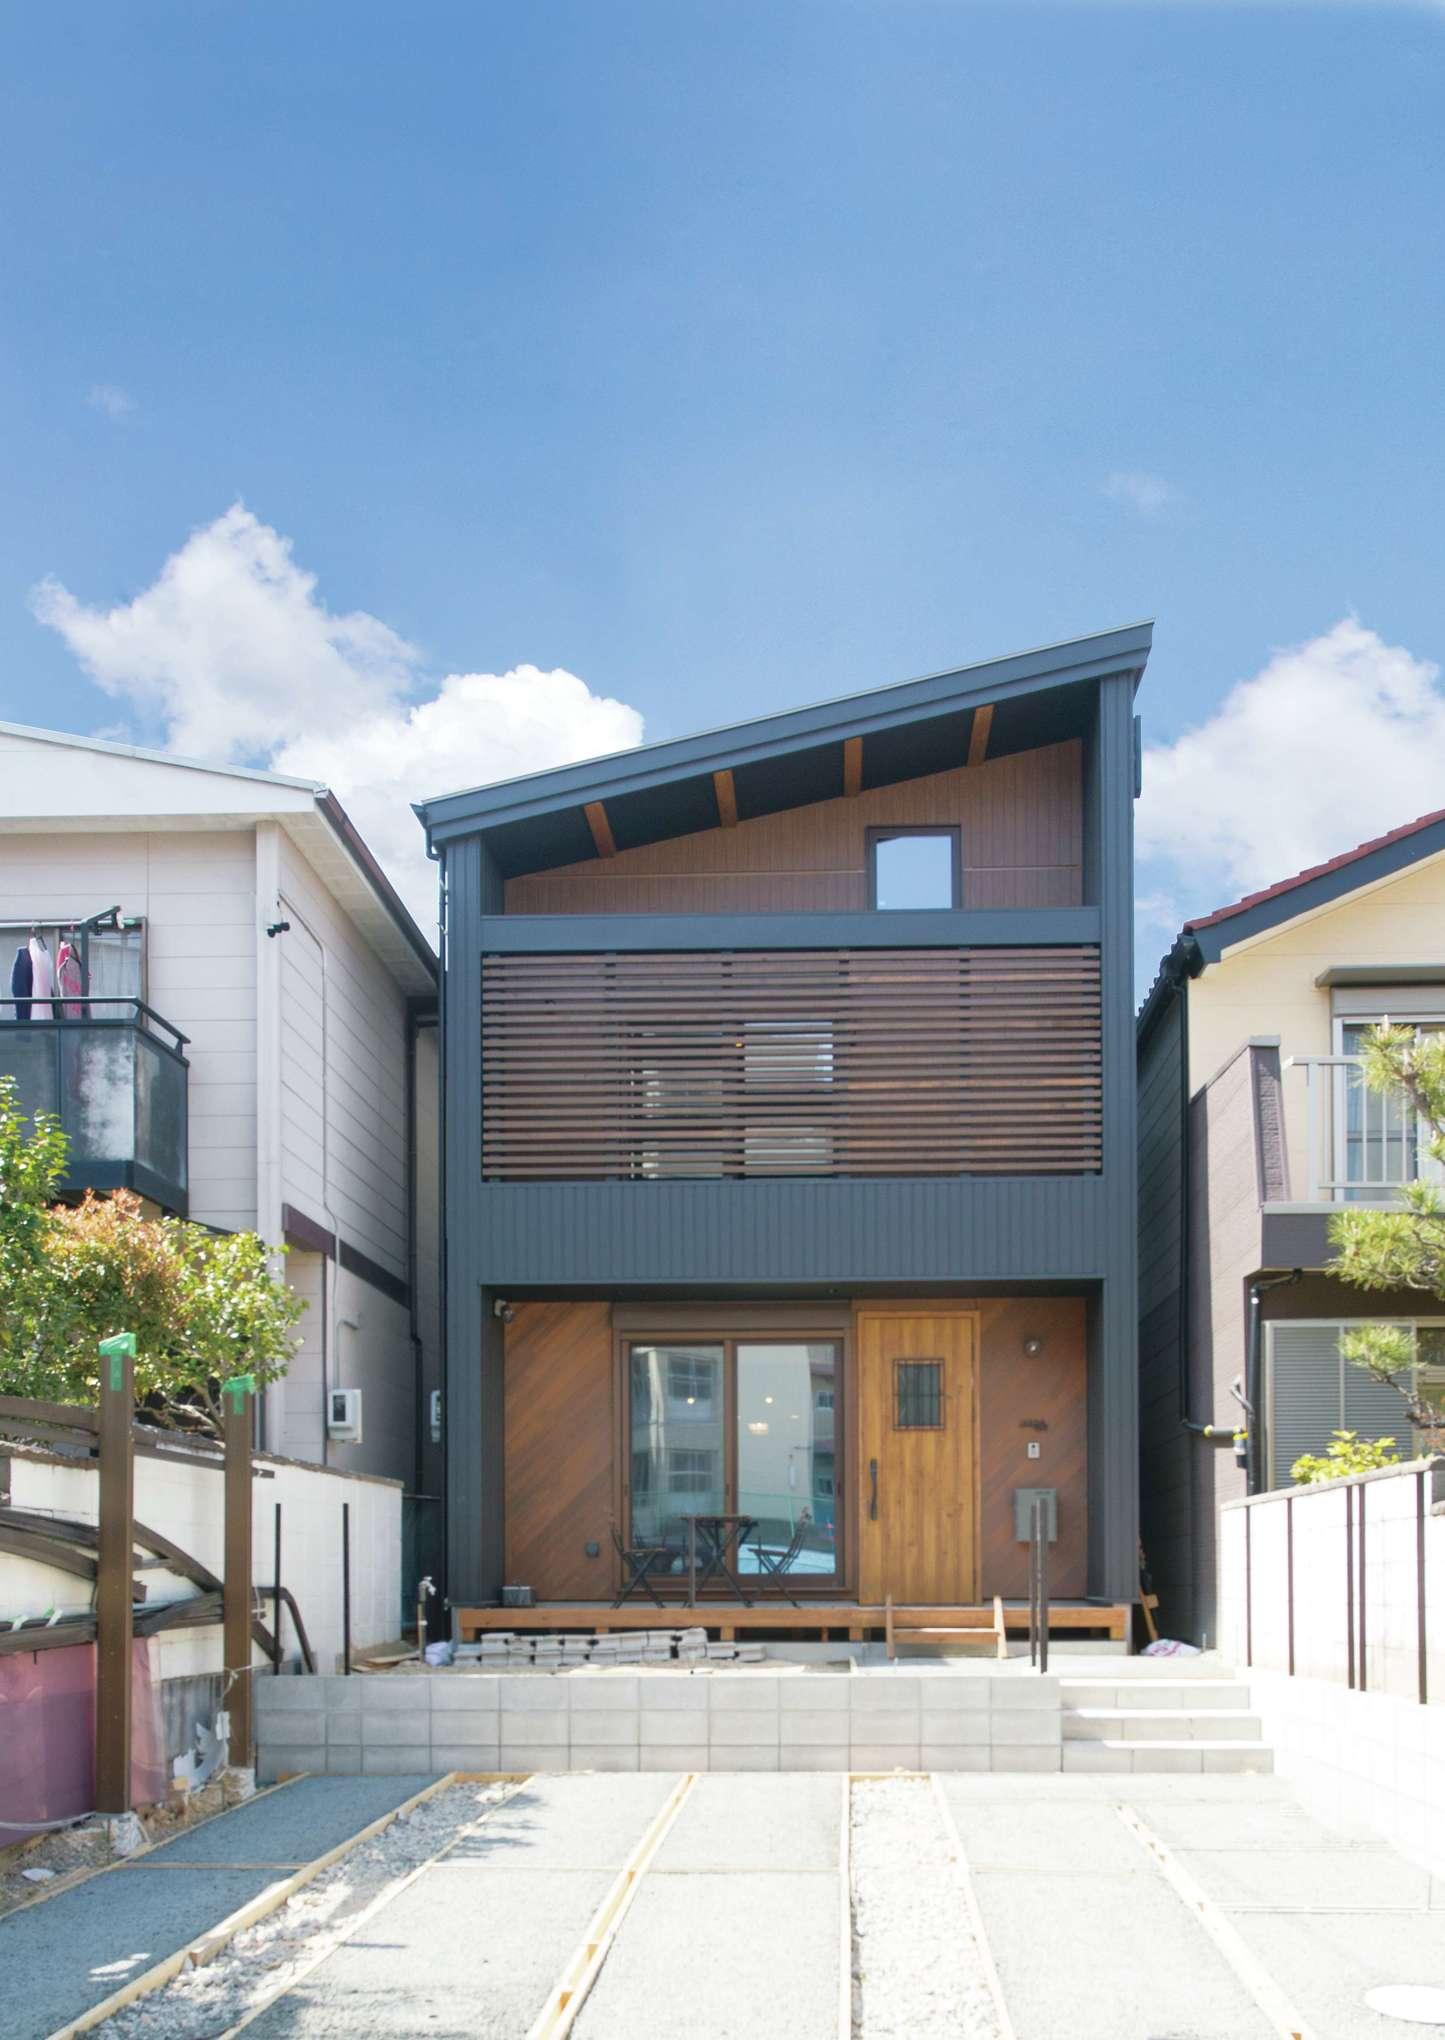 サイエンスホーム【1000万円台、デザイン住宅、間取り】片流れのプロポーションが青空にくっきりと映える外観。友人とBBQを楽しむためにウッドデッキとテラスをつくった